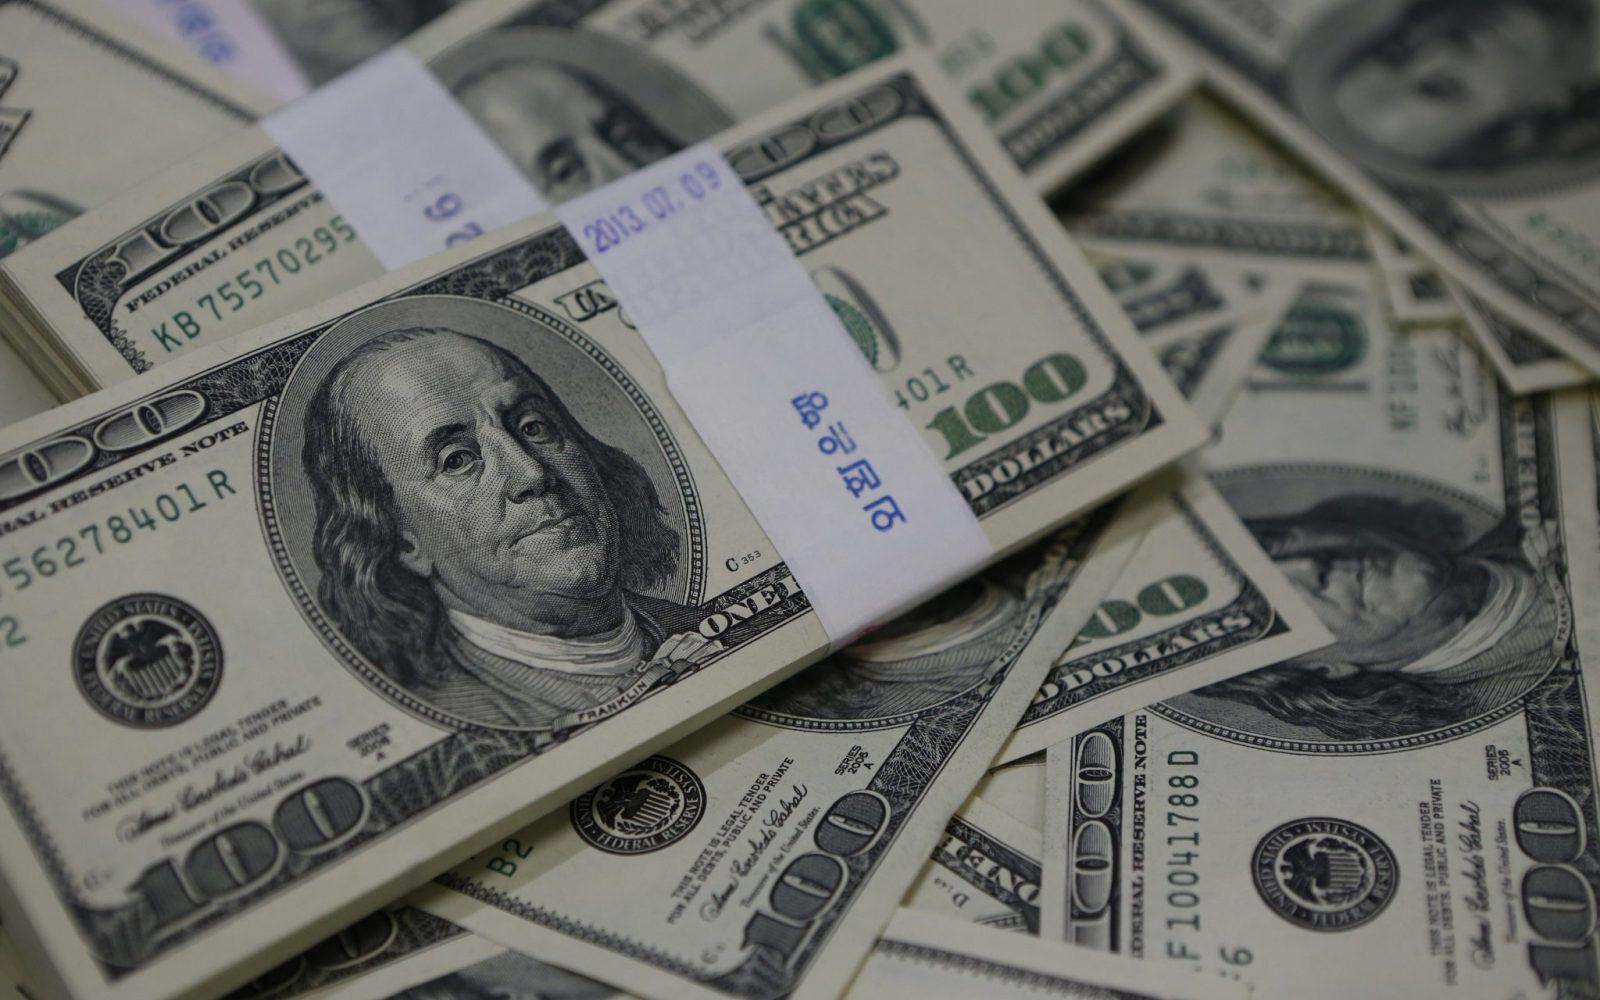 أسعار الدولار أمام الجنيه اليوم الخميس 13 2 2020 في البنوك المصرية